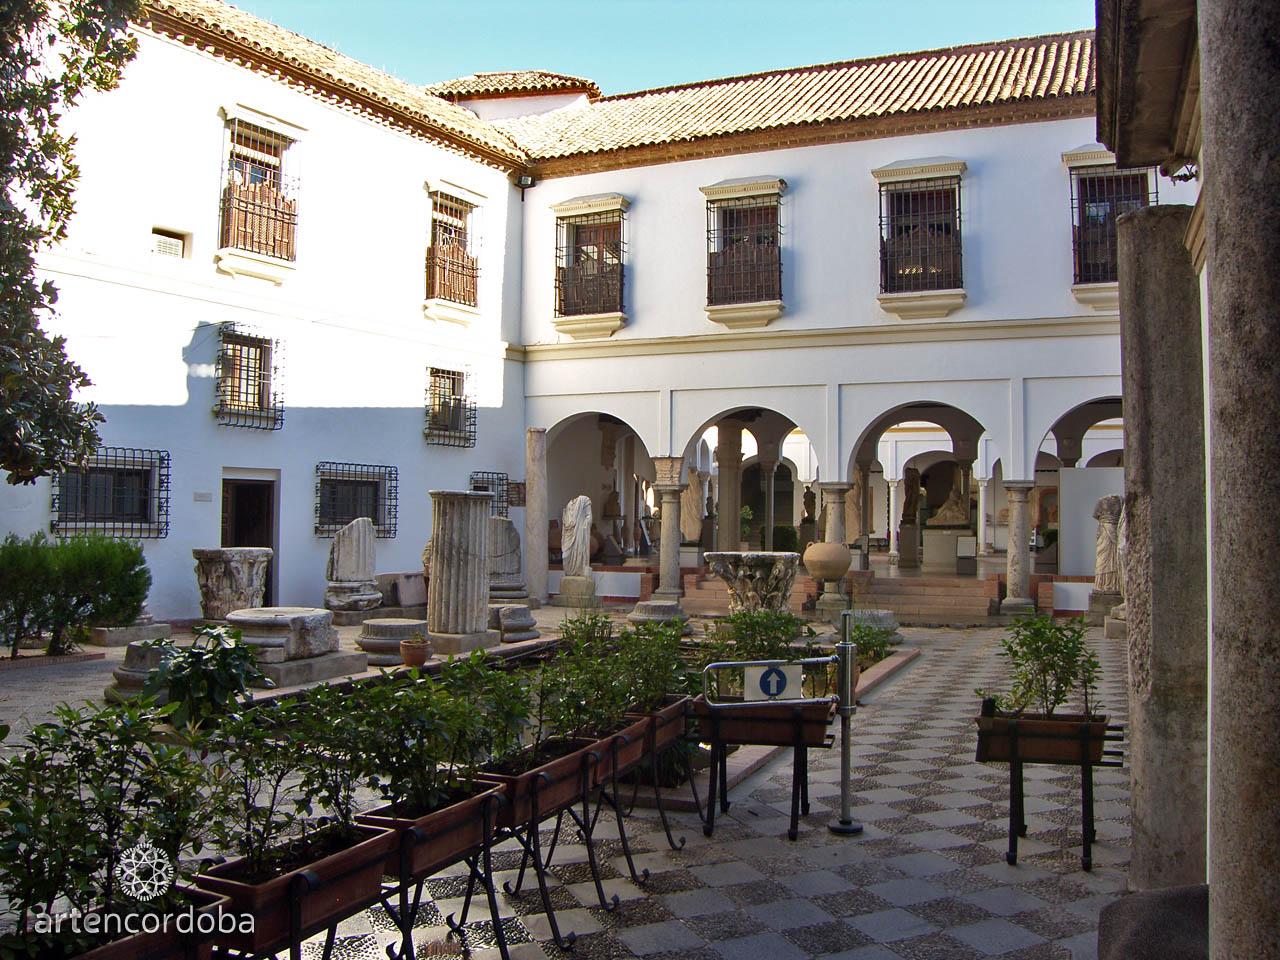 Detalle de uno de los patios del museo arqueólogico de Córdoba